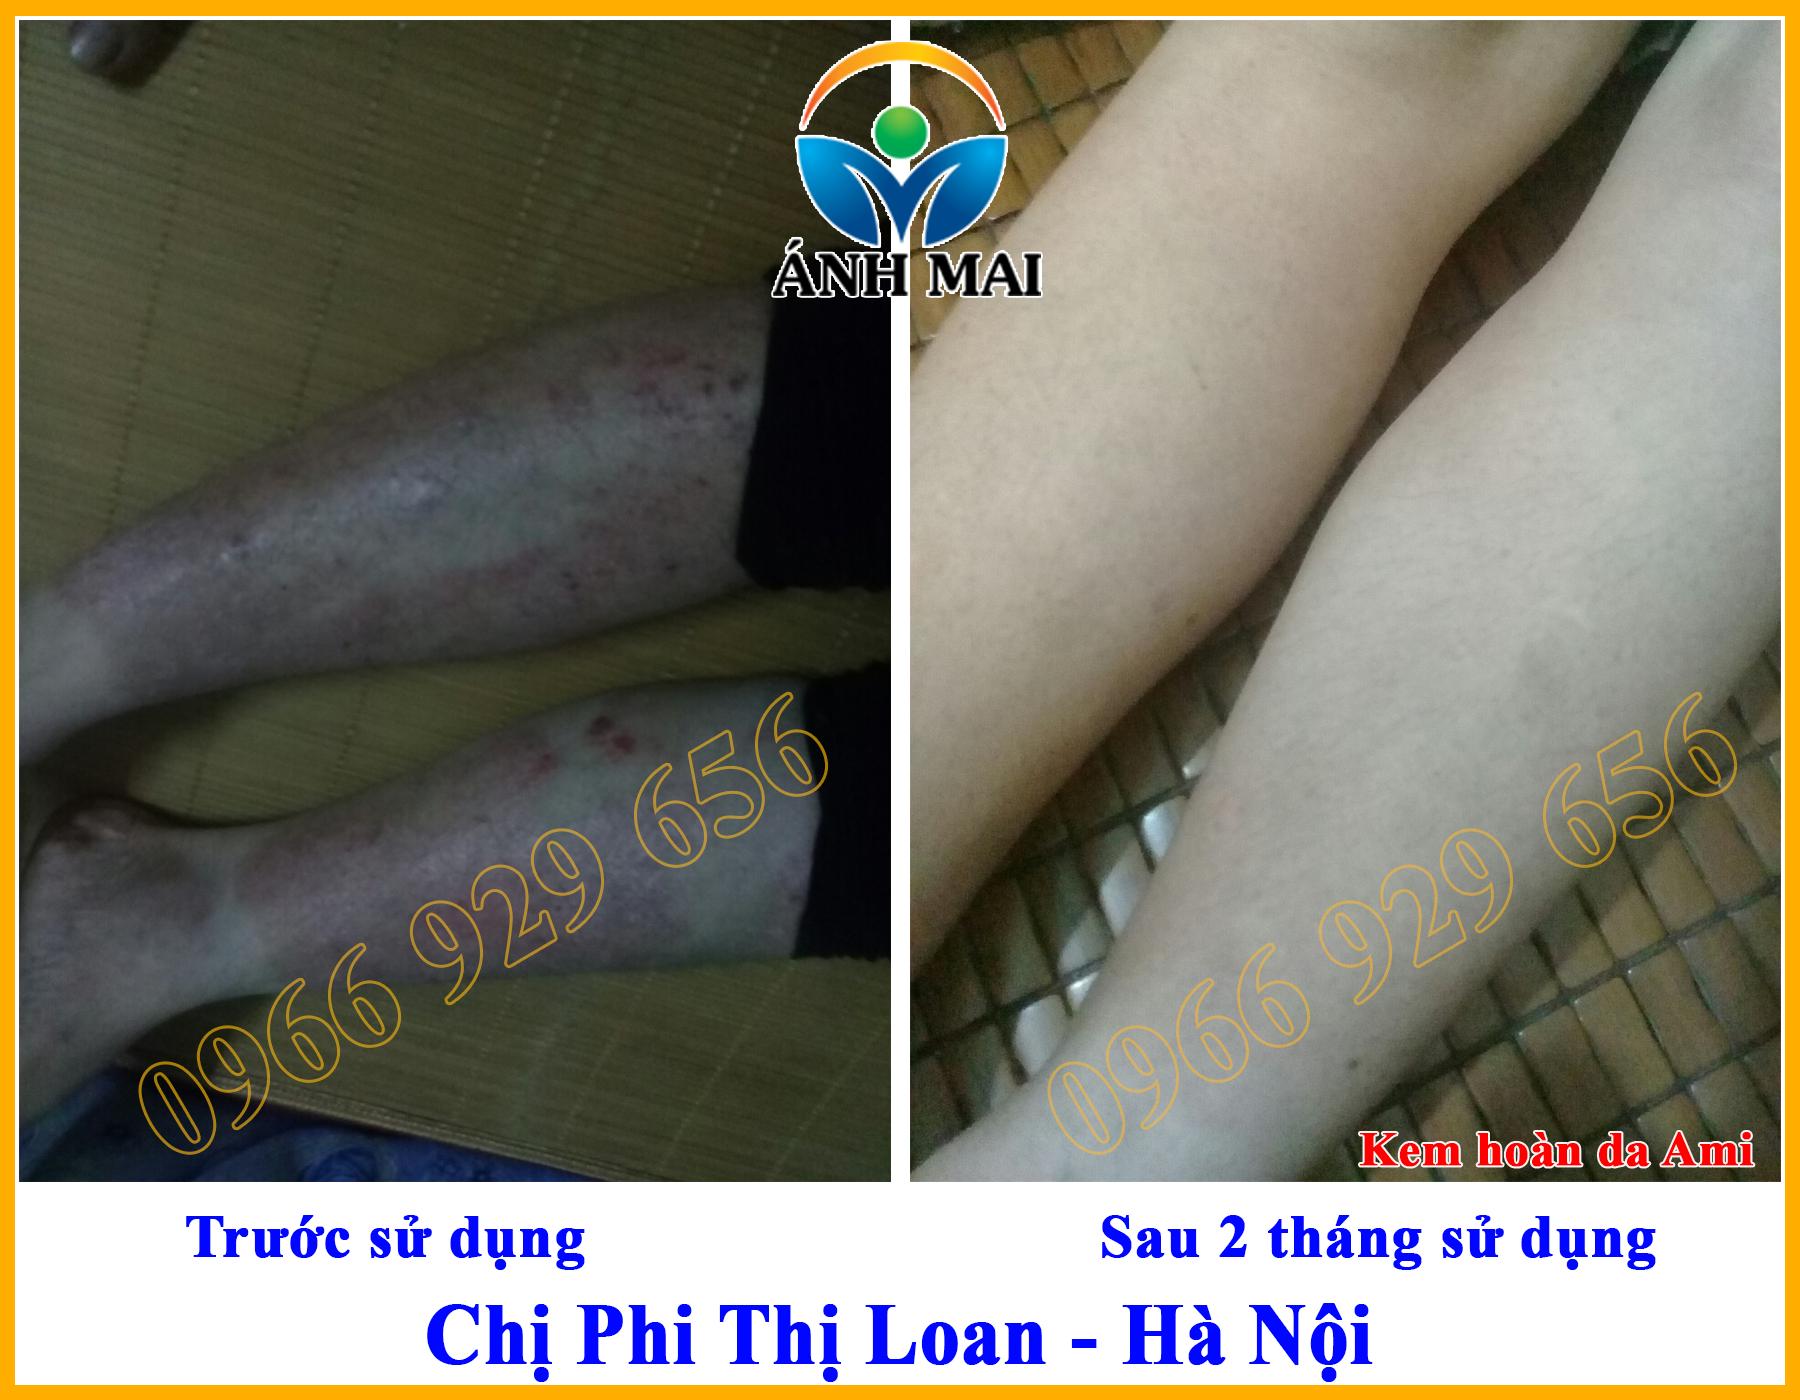 Hình ảnh trước và sau khi sử dụng Kem hoàn da Ami của chị Phi Thị Loan, Hà Nội